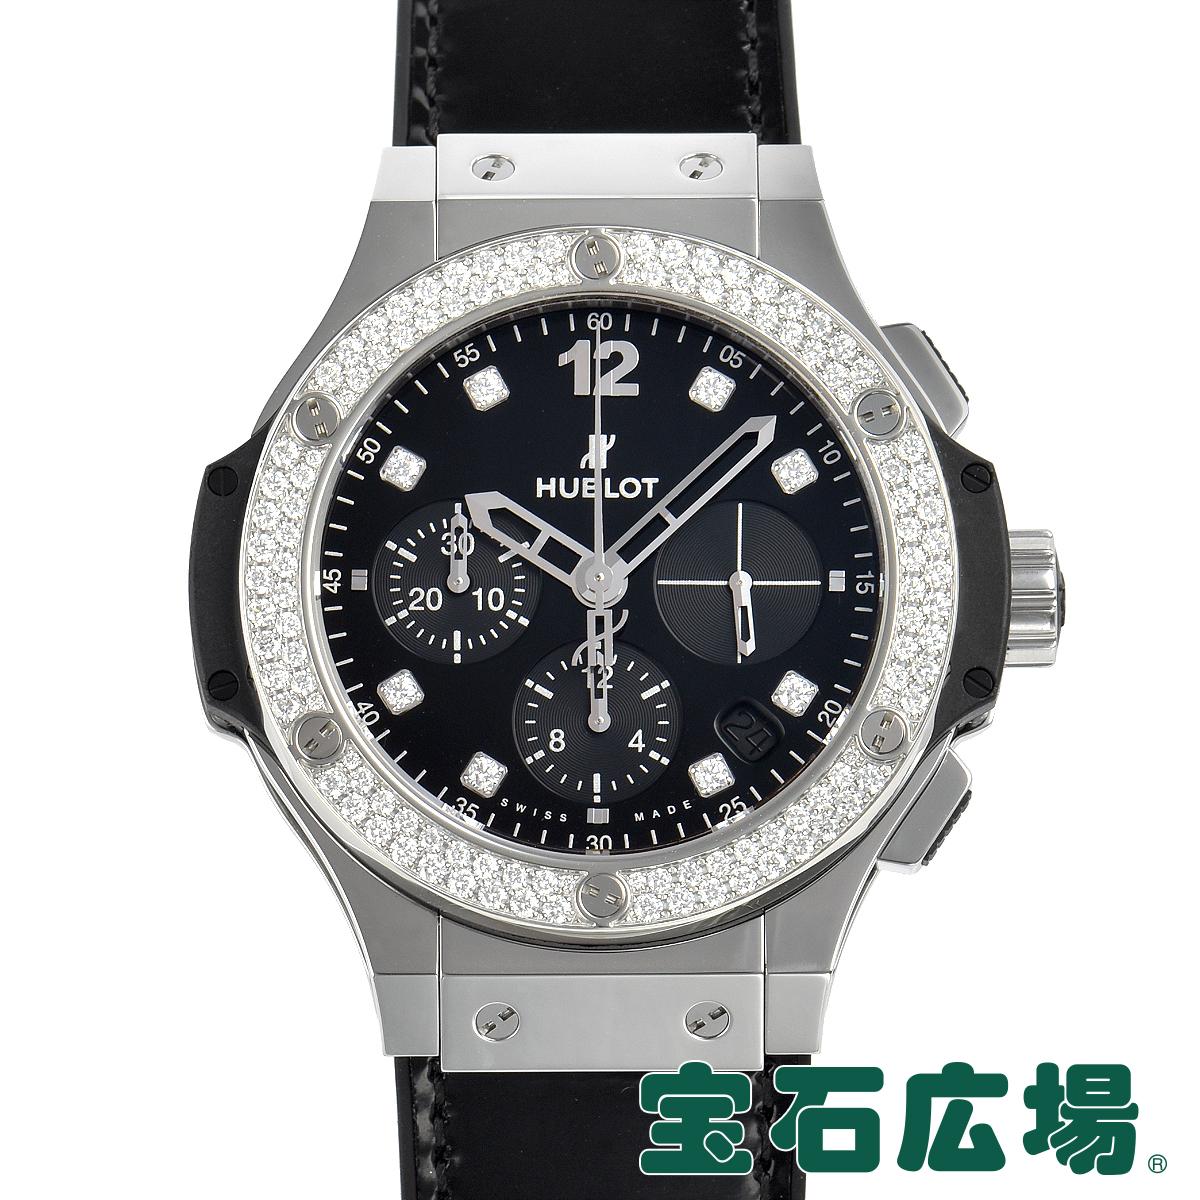 【お買得】 ウブロ HUBLOT ビッグバン スチール シャイニー 341.SX.1270.VR.1104【】メンズ 腕時計 送料無料, イクサカムラ 587e12ad